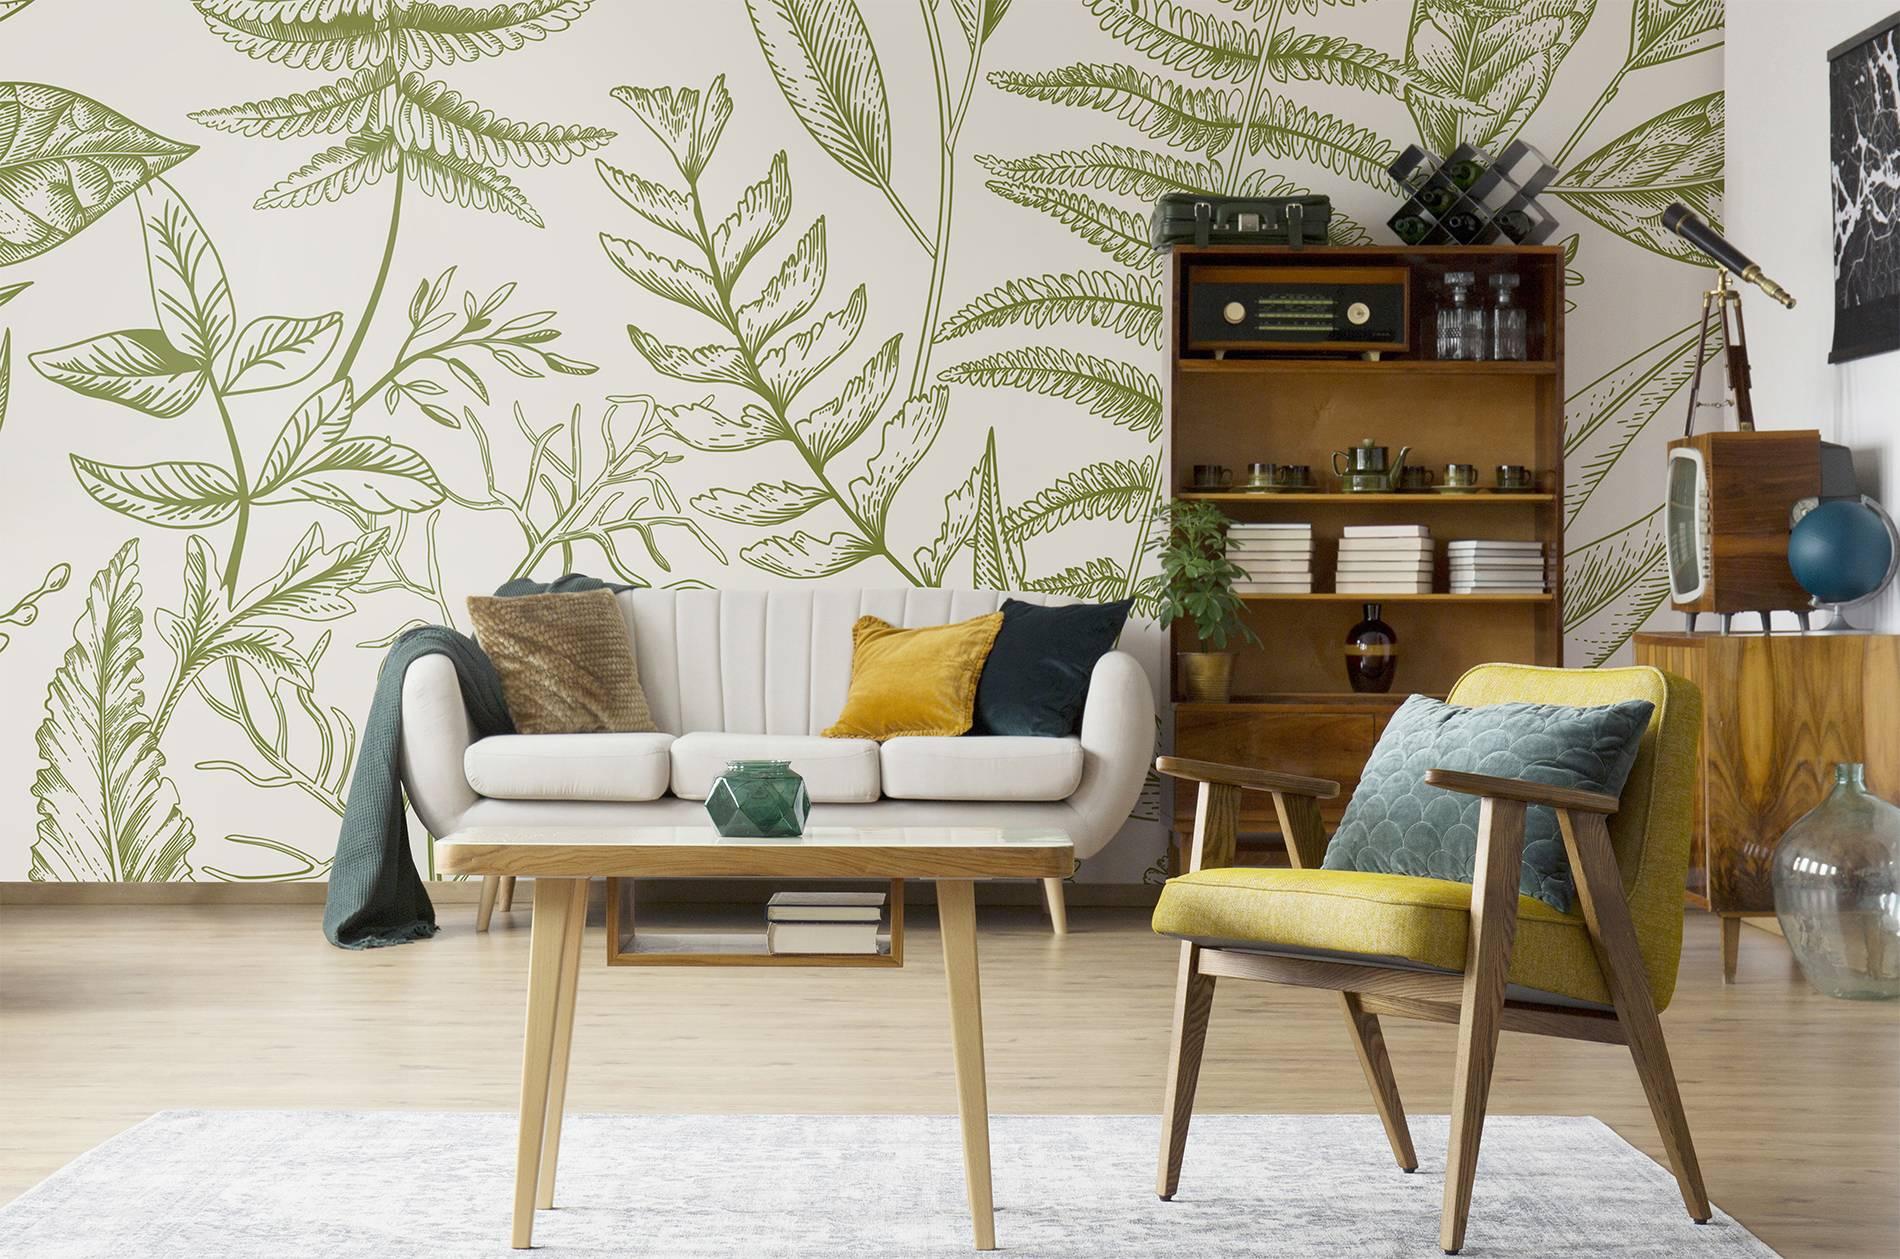 botanischer retro vintage wohnzimmer fototapeten poster natur pixers wir leben. Black Bedroom Furniture Sets. Home Design Ideas